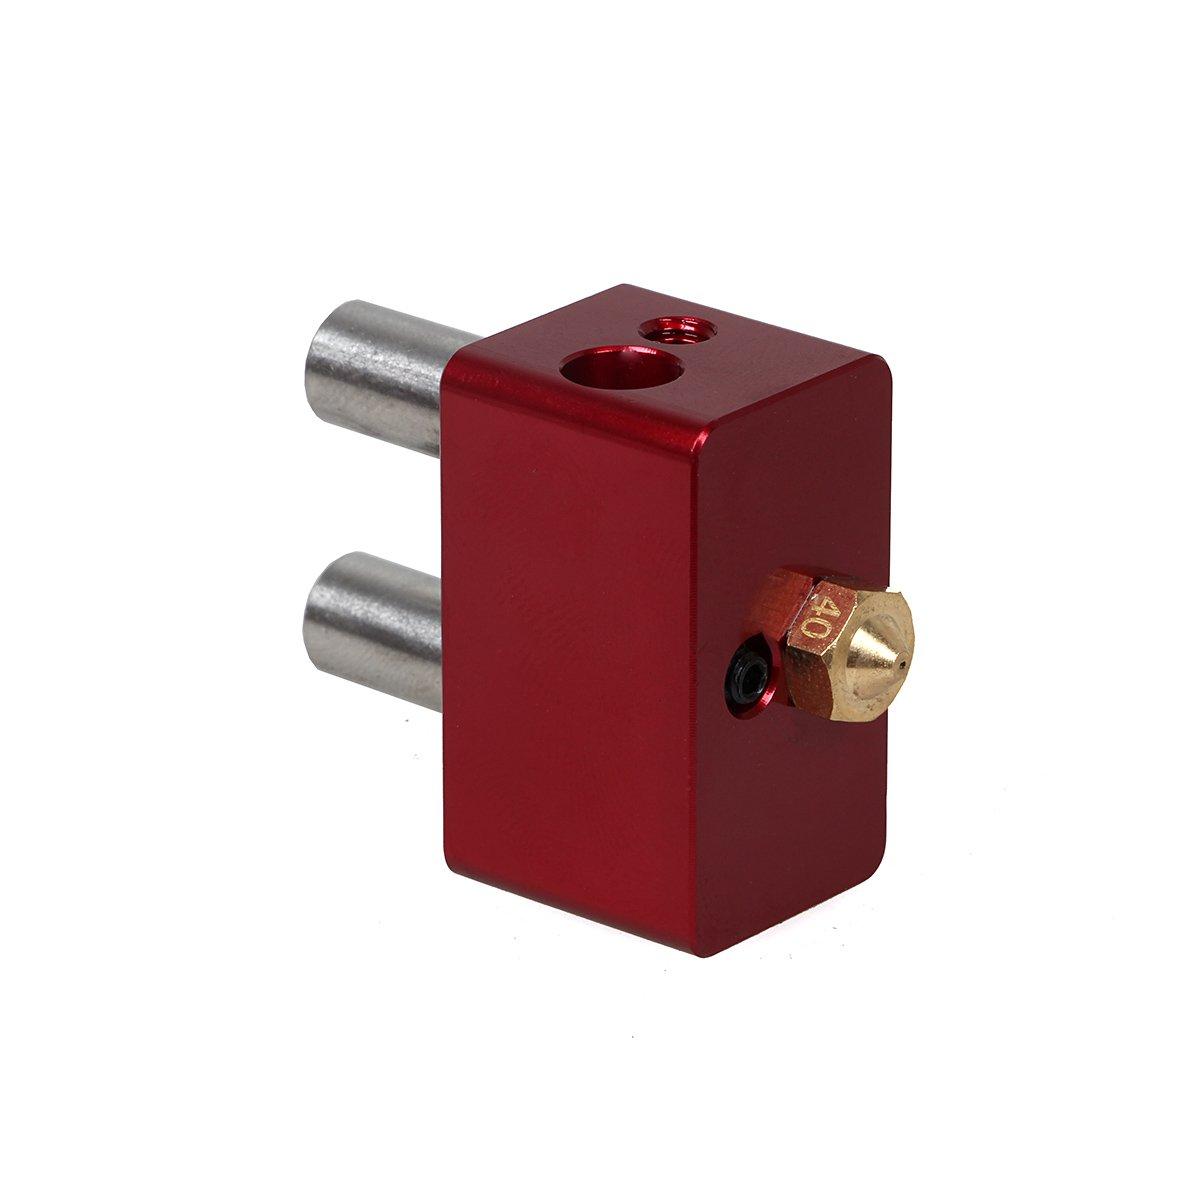 Pièces de rechange pour imprimante 3d E3D Cyclops 2en 1sortie Hotend kit Multi Couleur d'extrémité chaude Bloc de chauffage Buse Couleur Rouge 0, 4mm/1.75mm 4mm/1.75mm szsdsway